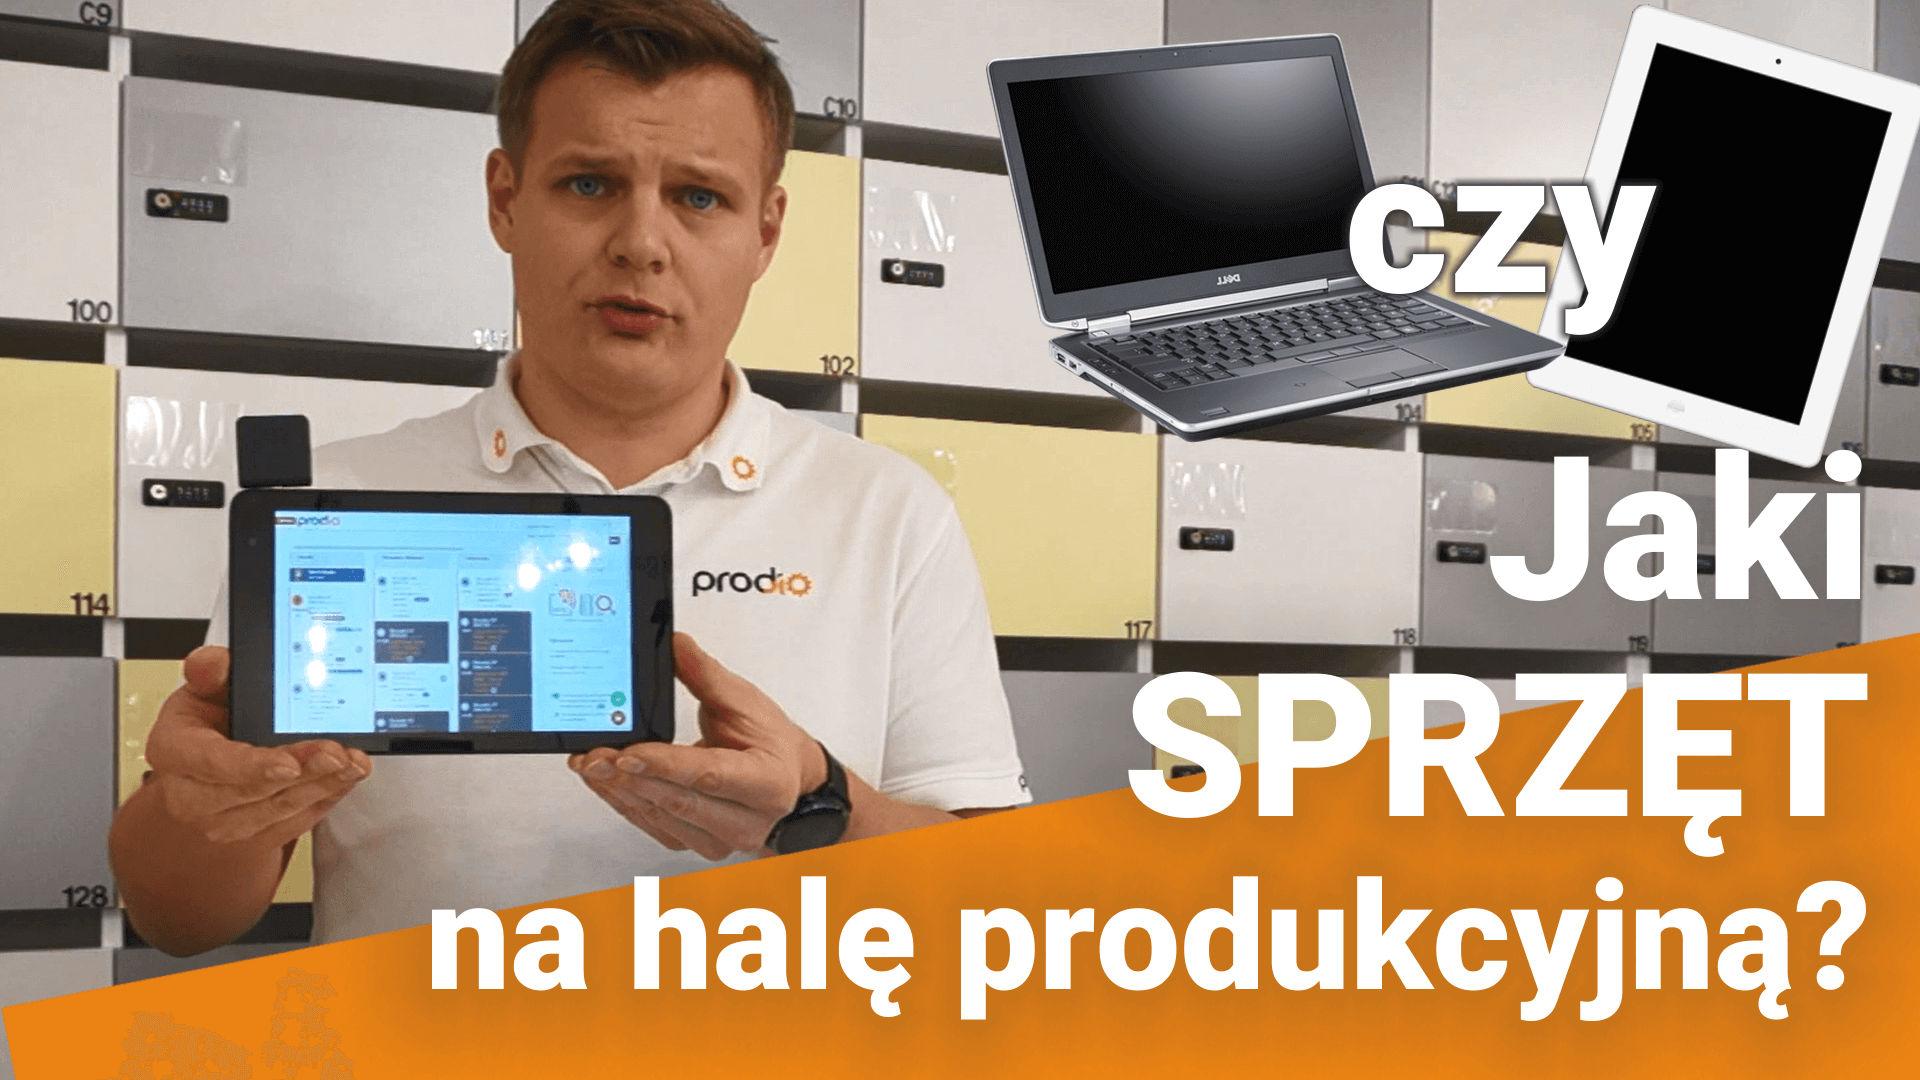 Jaki sprzęt użyć na hali pod program do zarządzania produkcją? Komputer, tablet czy coś innego?